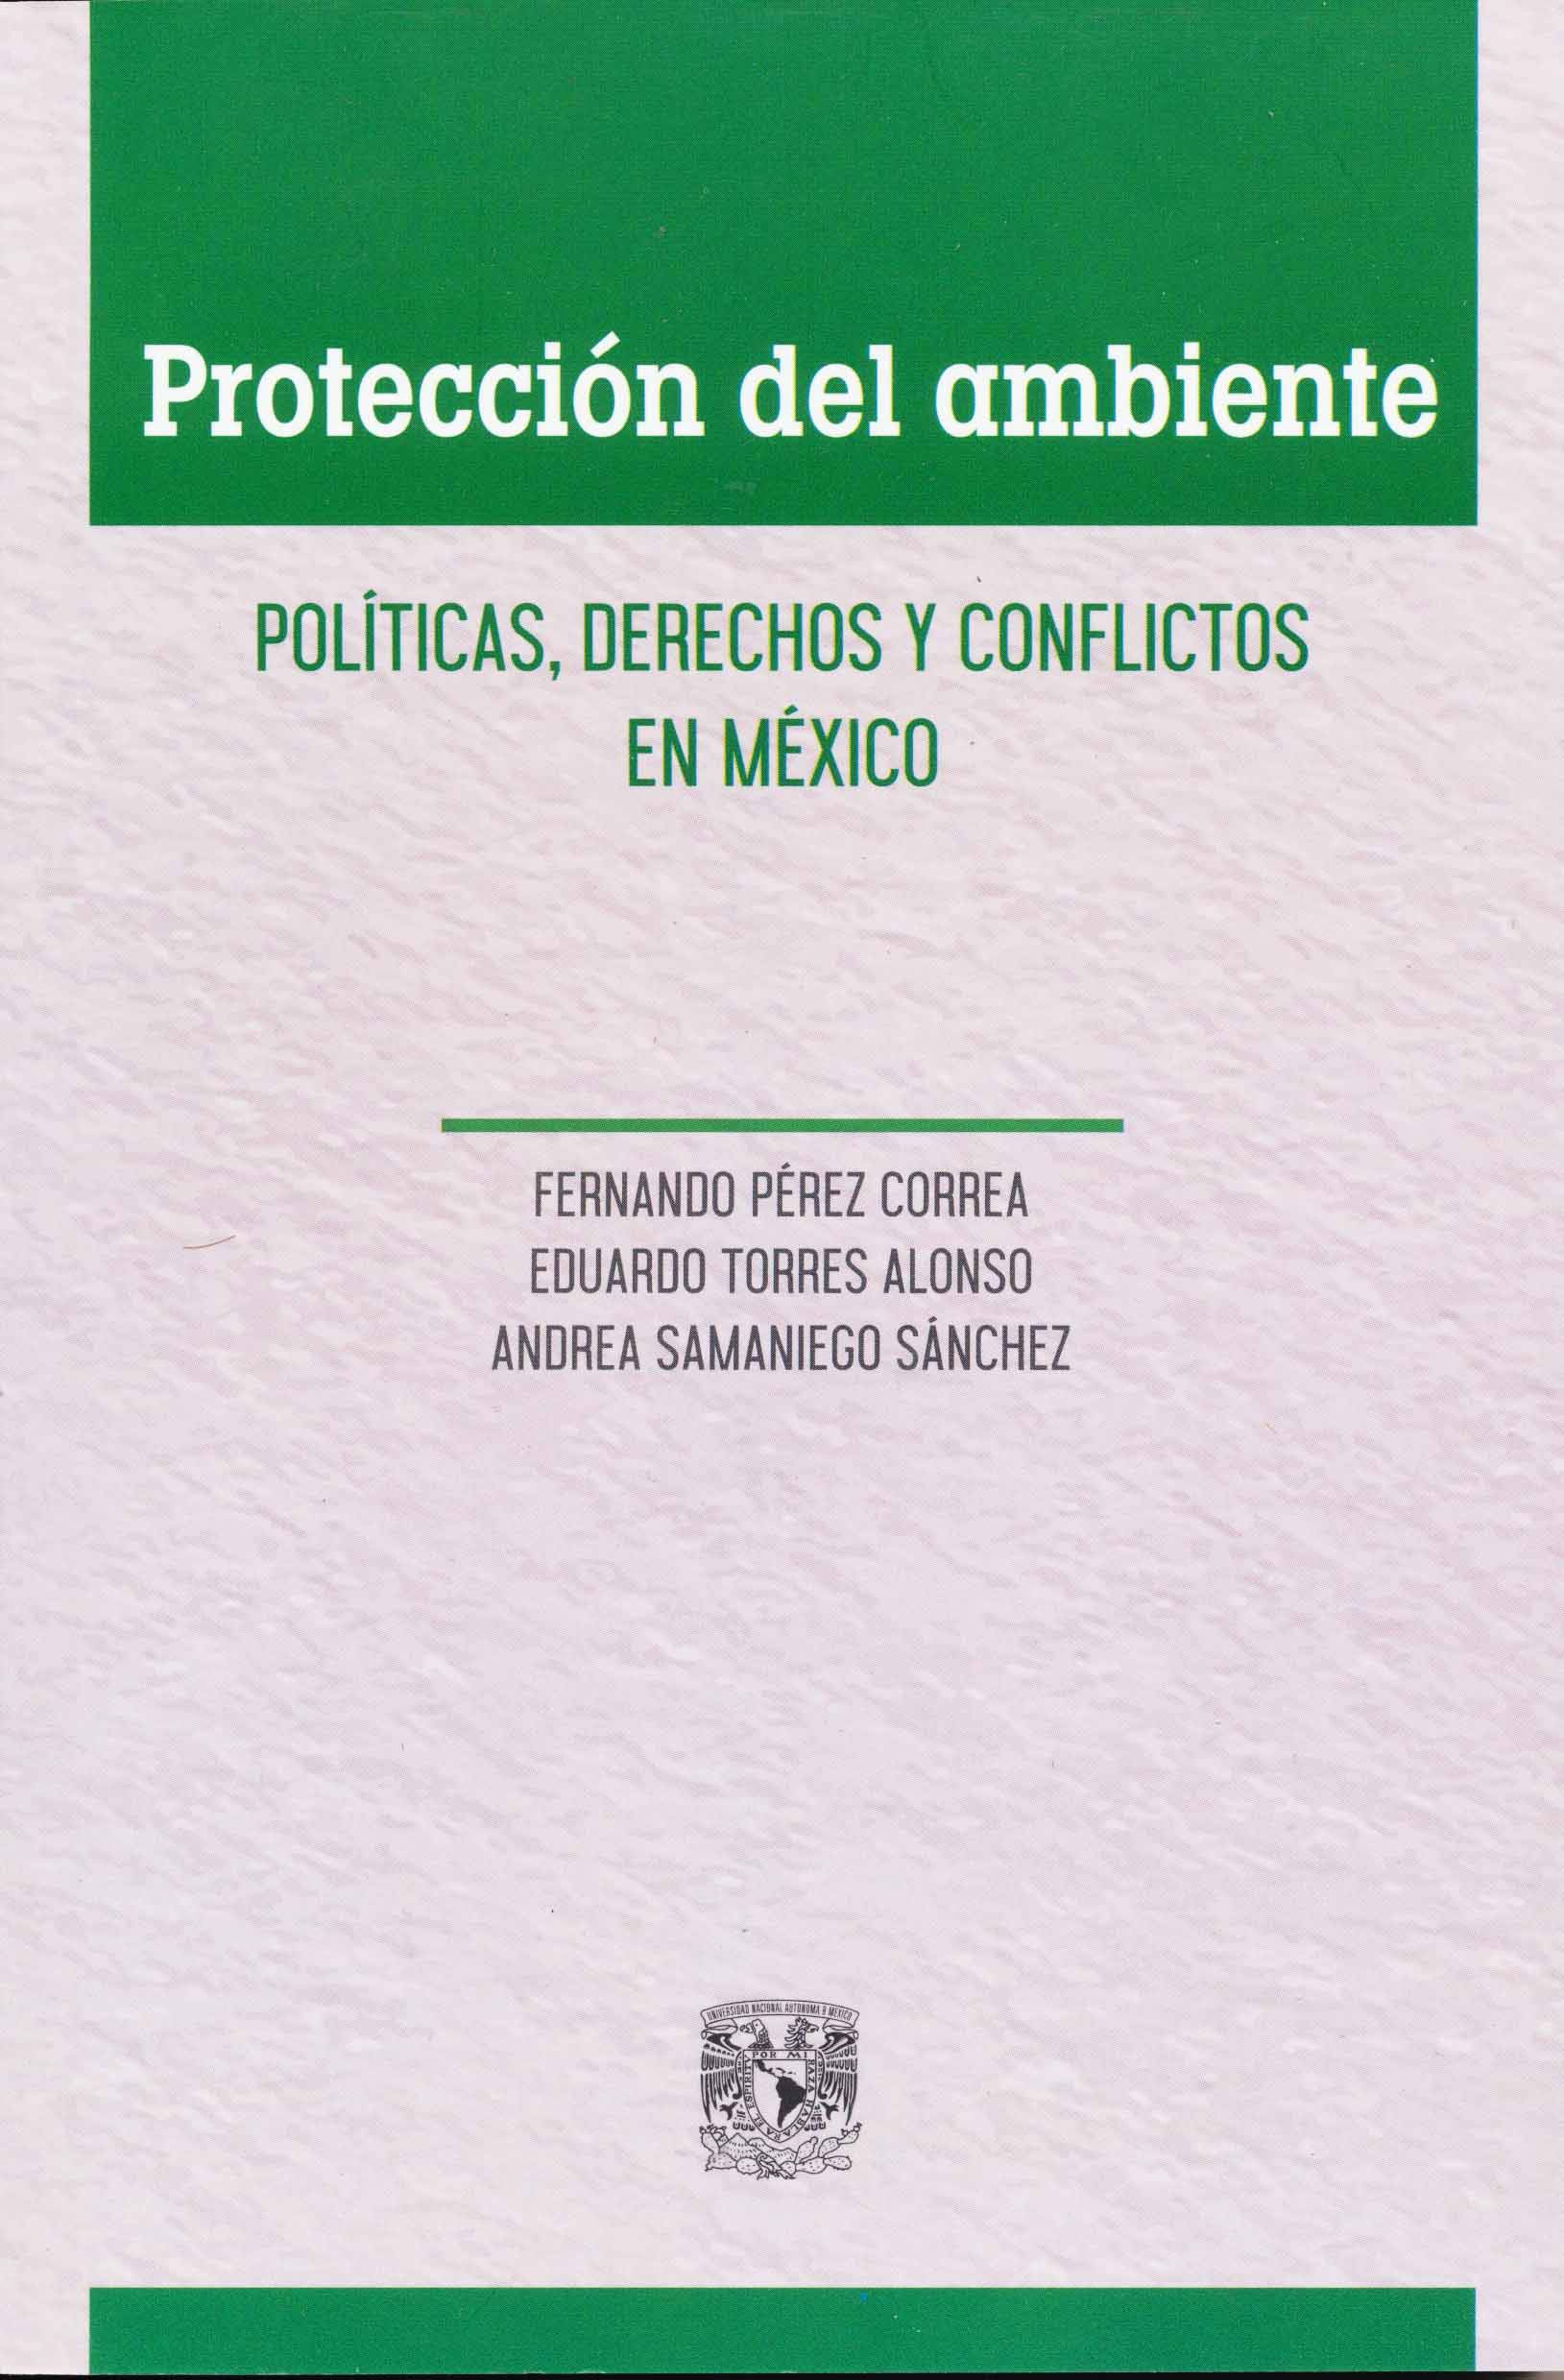 Protección del ambiente. Políticas, derechos y conflictos en México